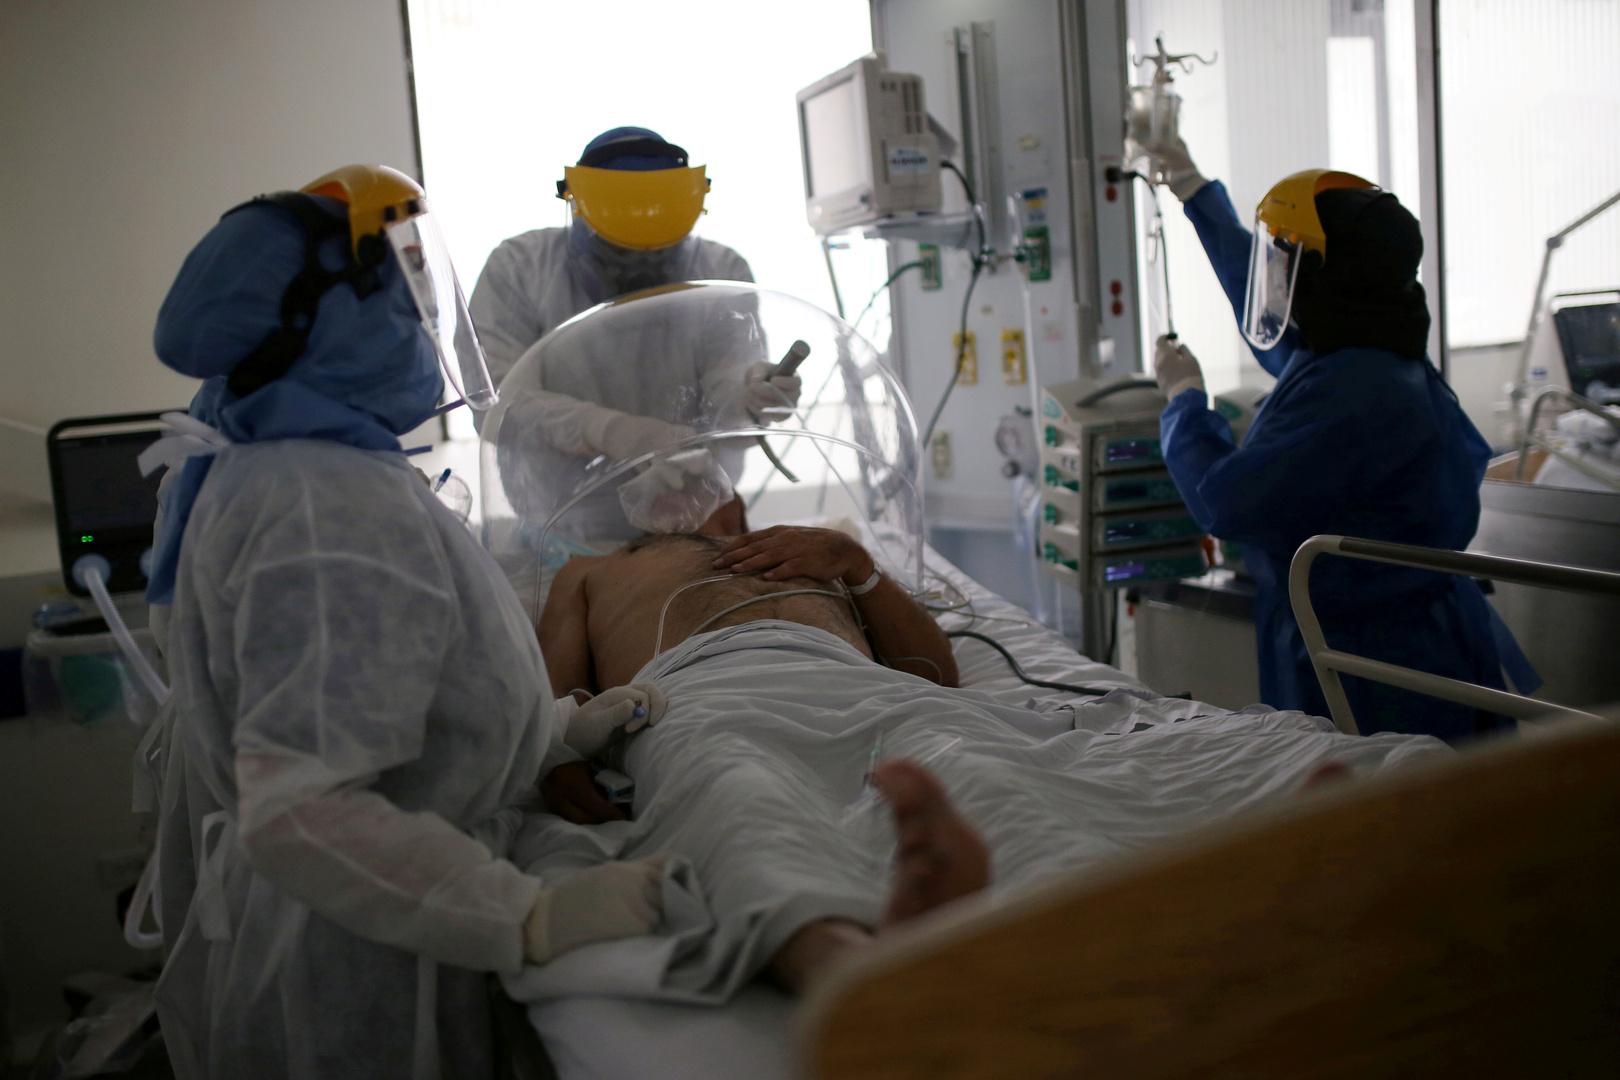 كولومبيا.. حصيلة يومية غير مسبوقة في إصابات كورونا